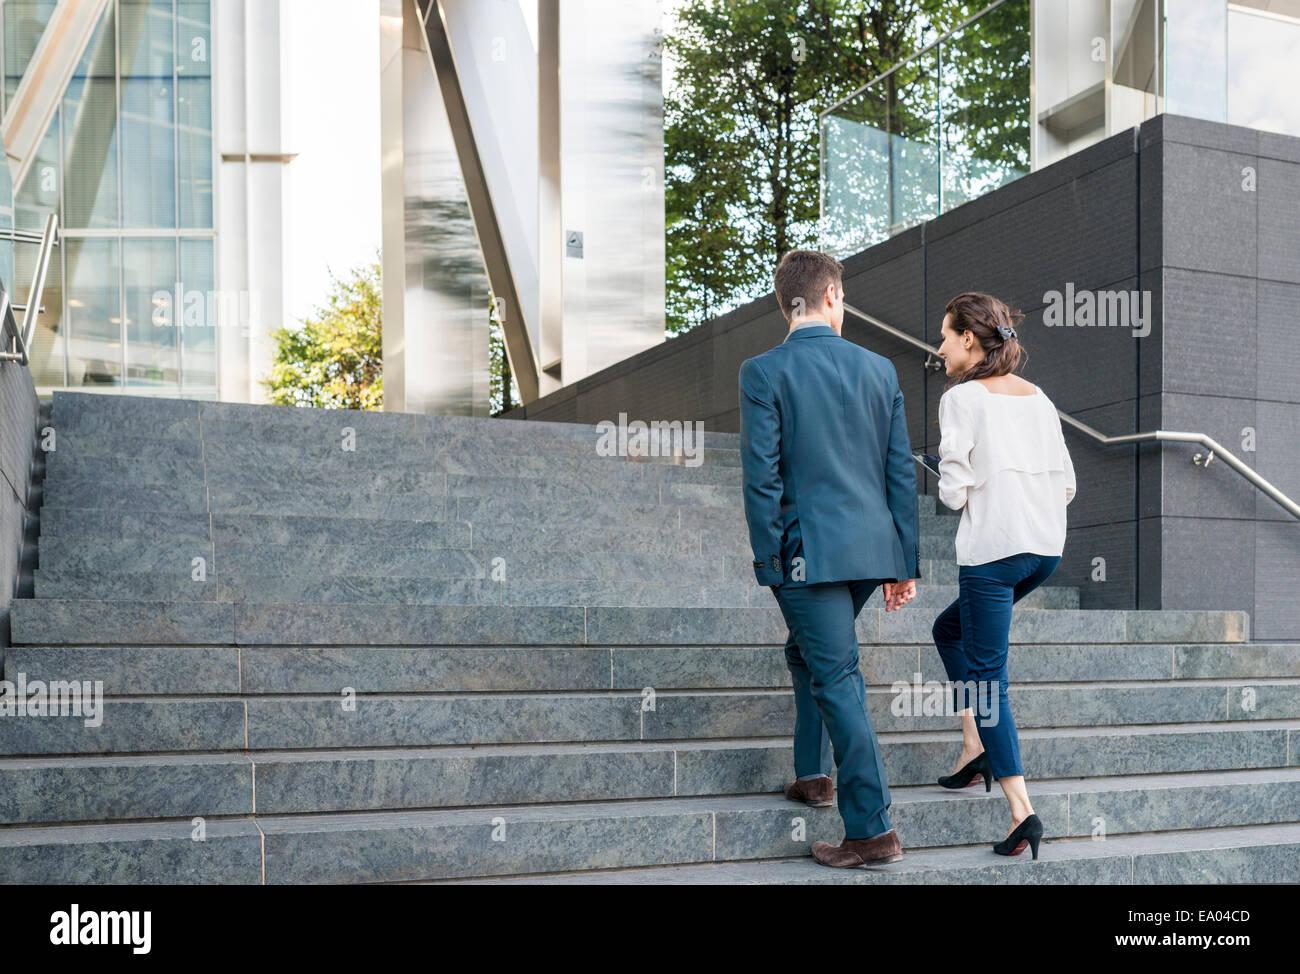 Rückansicht des jungen Geschäftsmann und Frau, die Treppe hoch, London, UK Stockbild